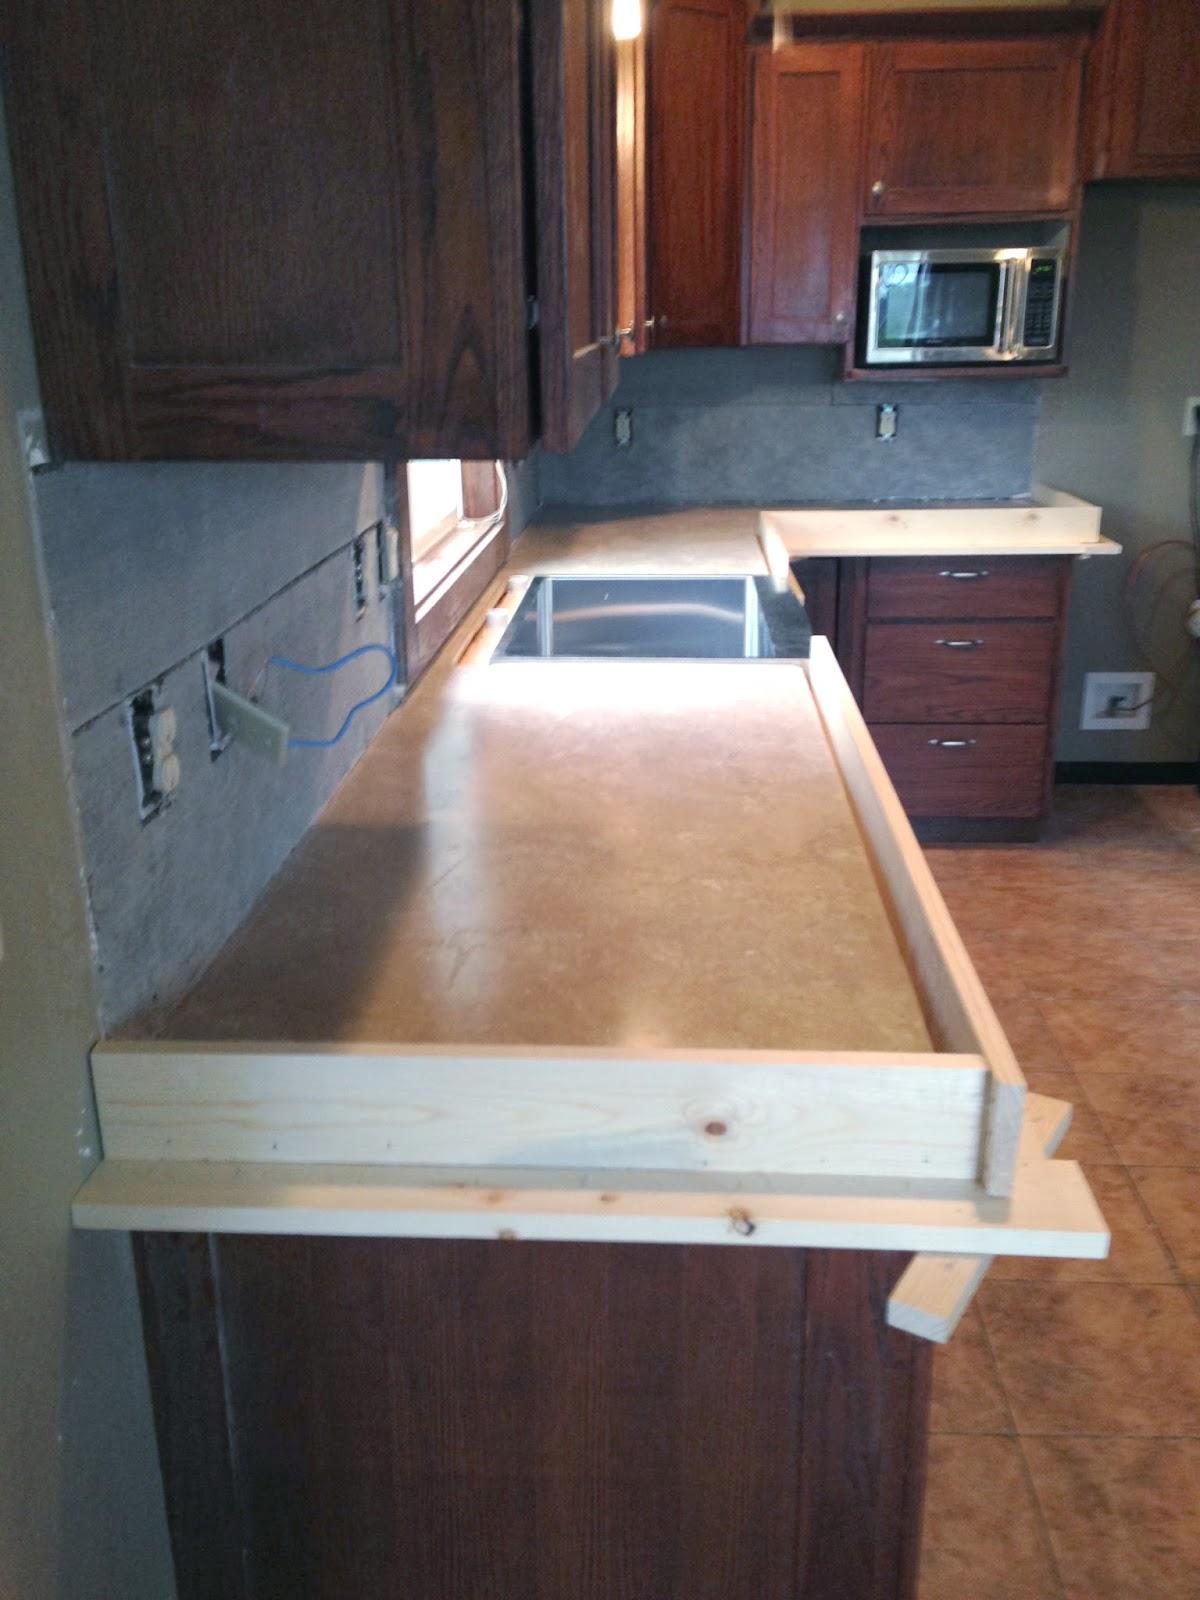 Pour Concrete Over Tile Countertop | Tile Design Ideas